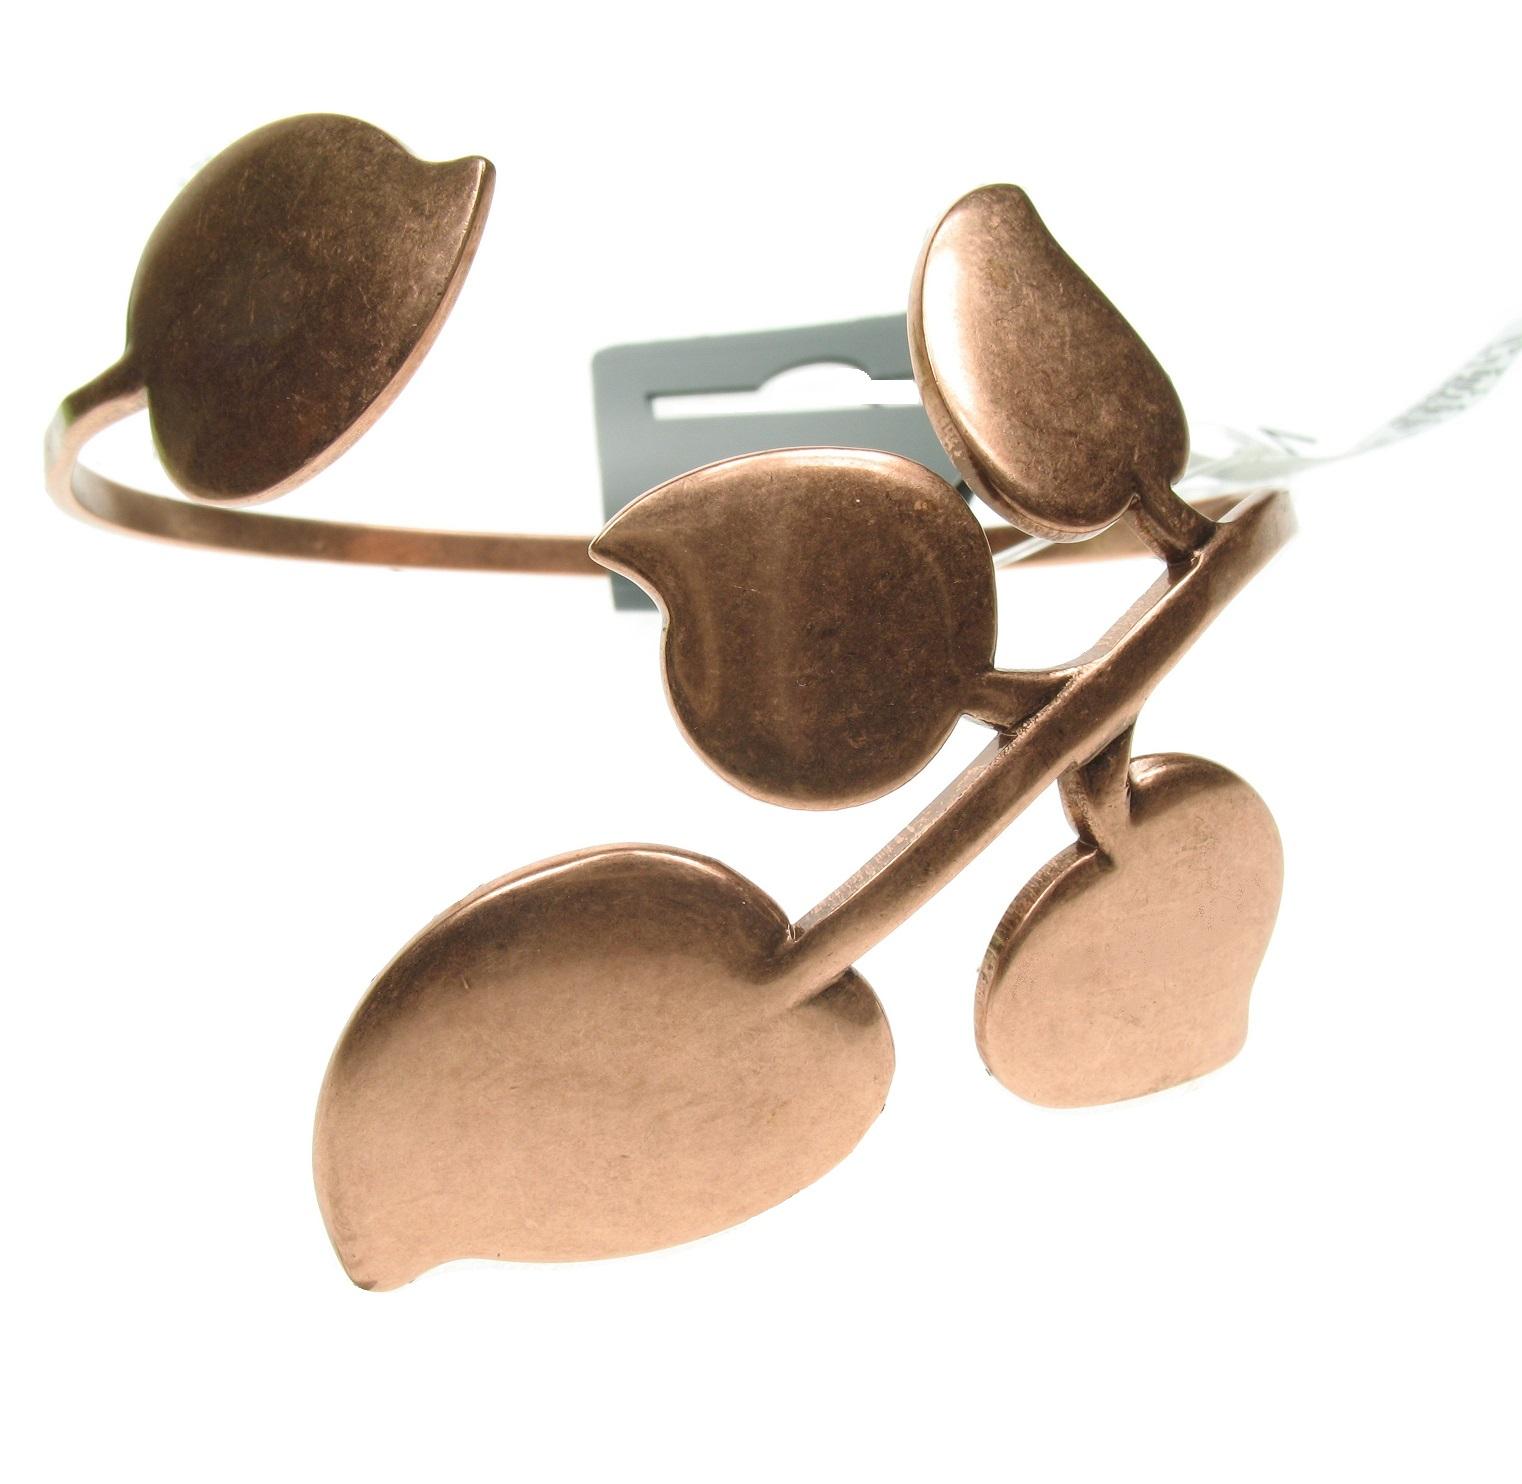 PILGRIM - Patina - Wrist Cuff Bracelet - Copper BNWT